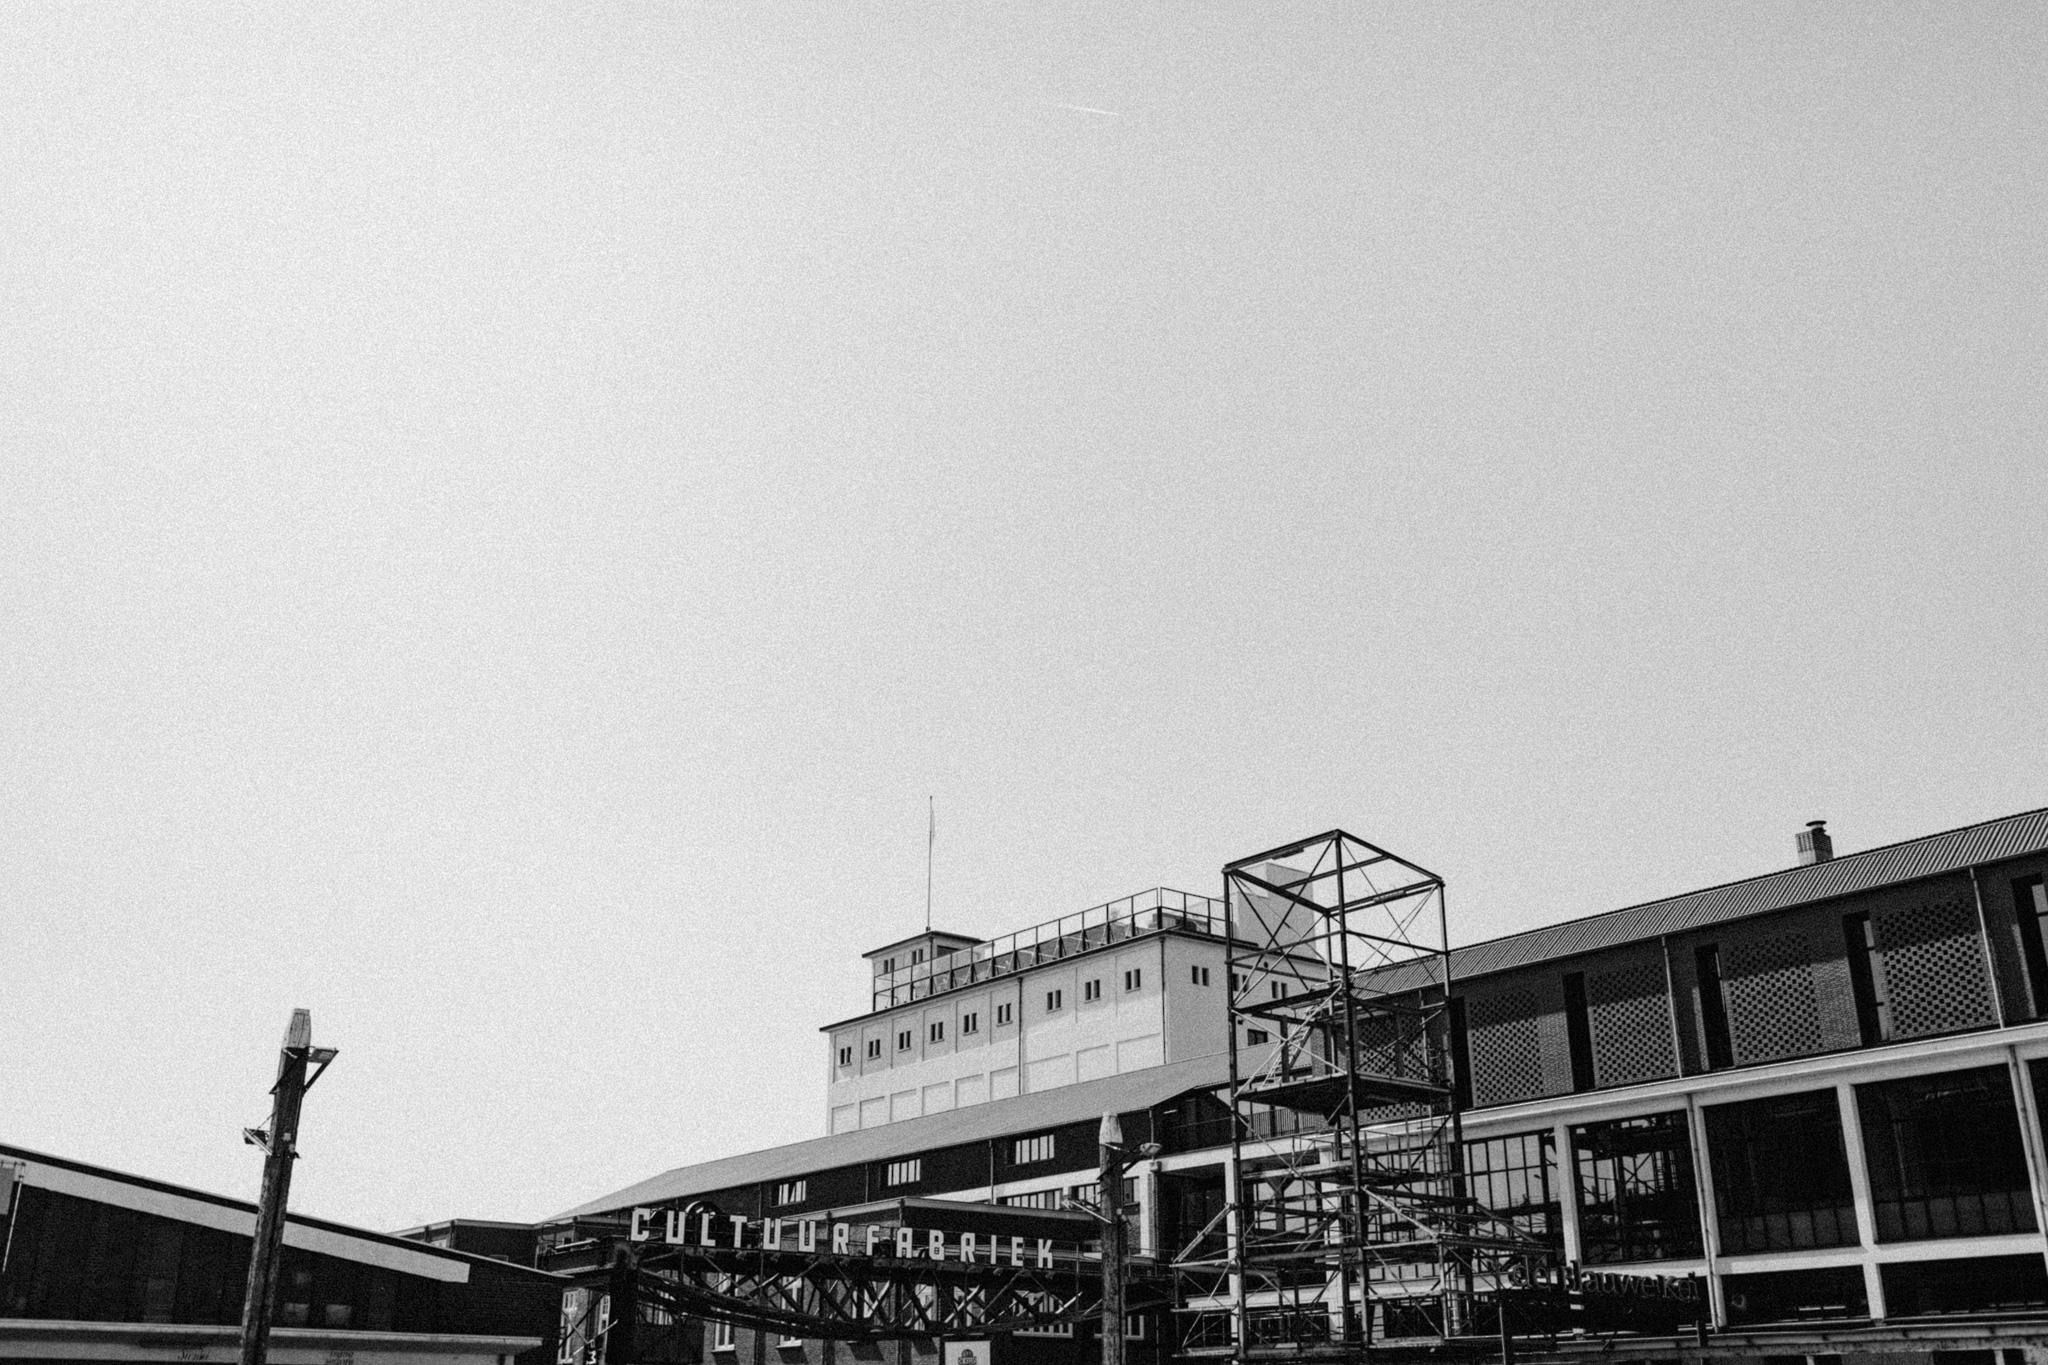 CHV Noordkade - Cultuurfabriek in Veghel